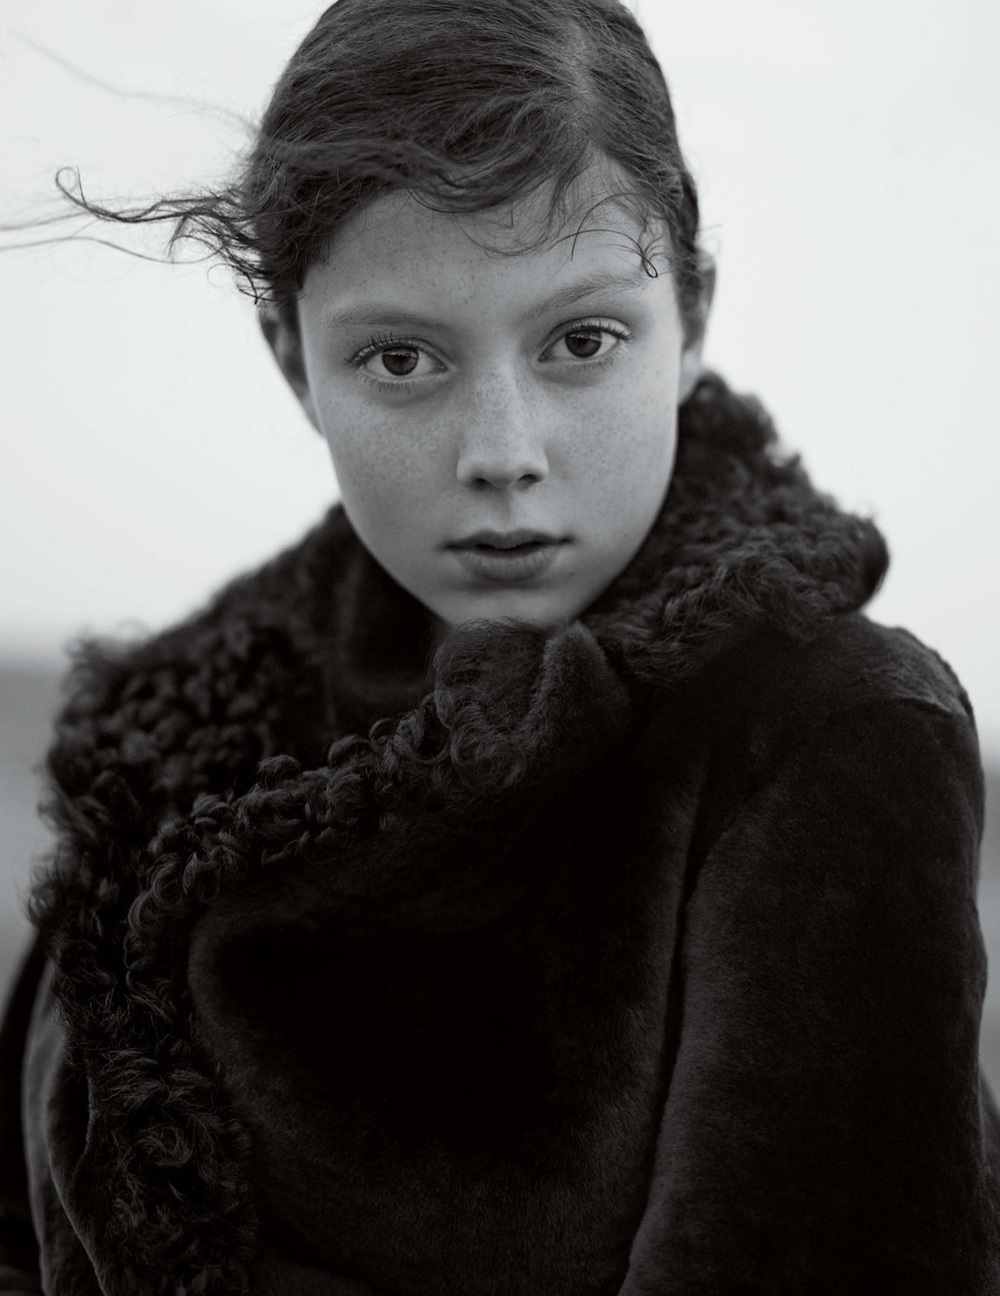 Karim Sadli / Natalie Westling / Vogue UK / October 2014